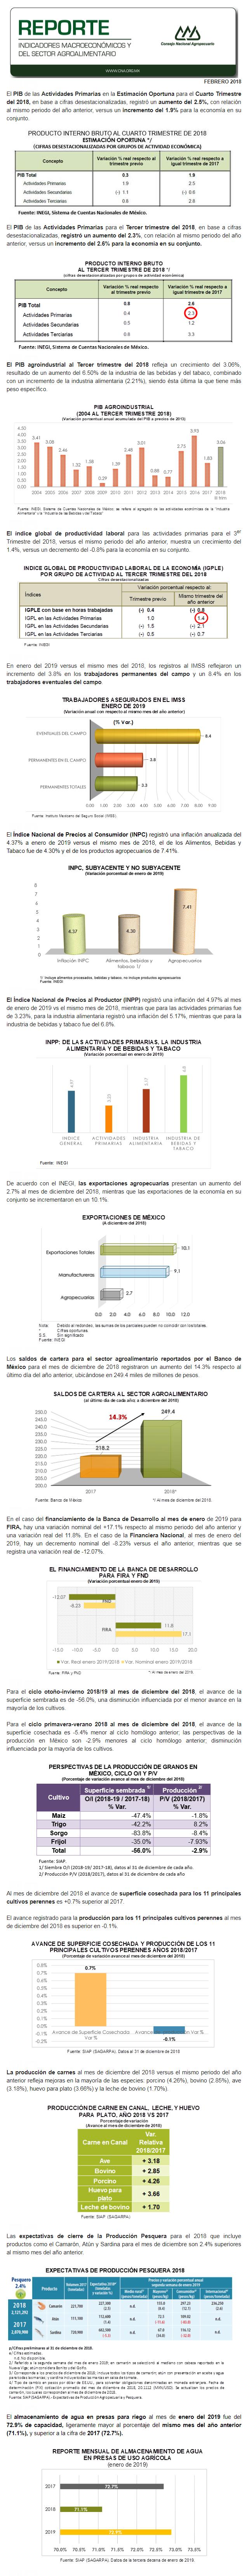 REPORTE DE INDICADORES MACROECONÓMICOS Y SECTORIALES DE FEBRERO DEL 2019